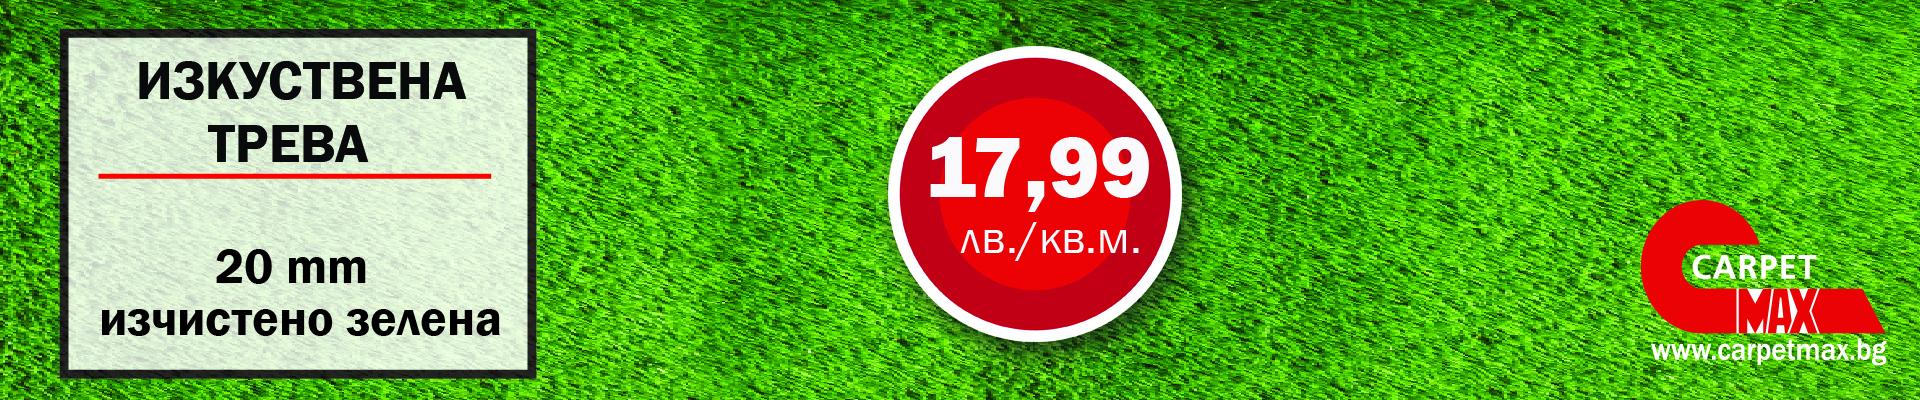 Изкуствена трева SriLanka 17.99 лв.